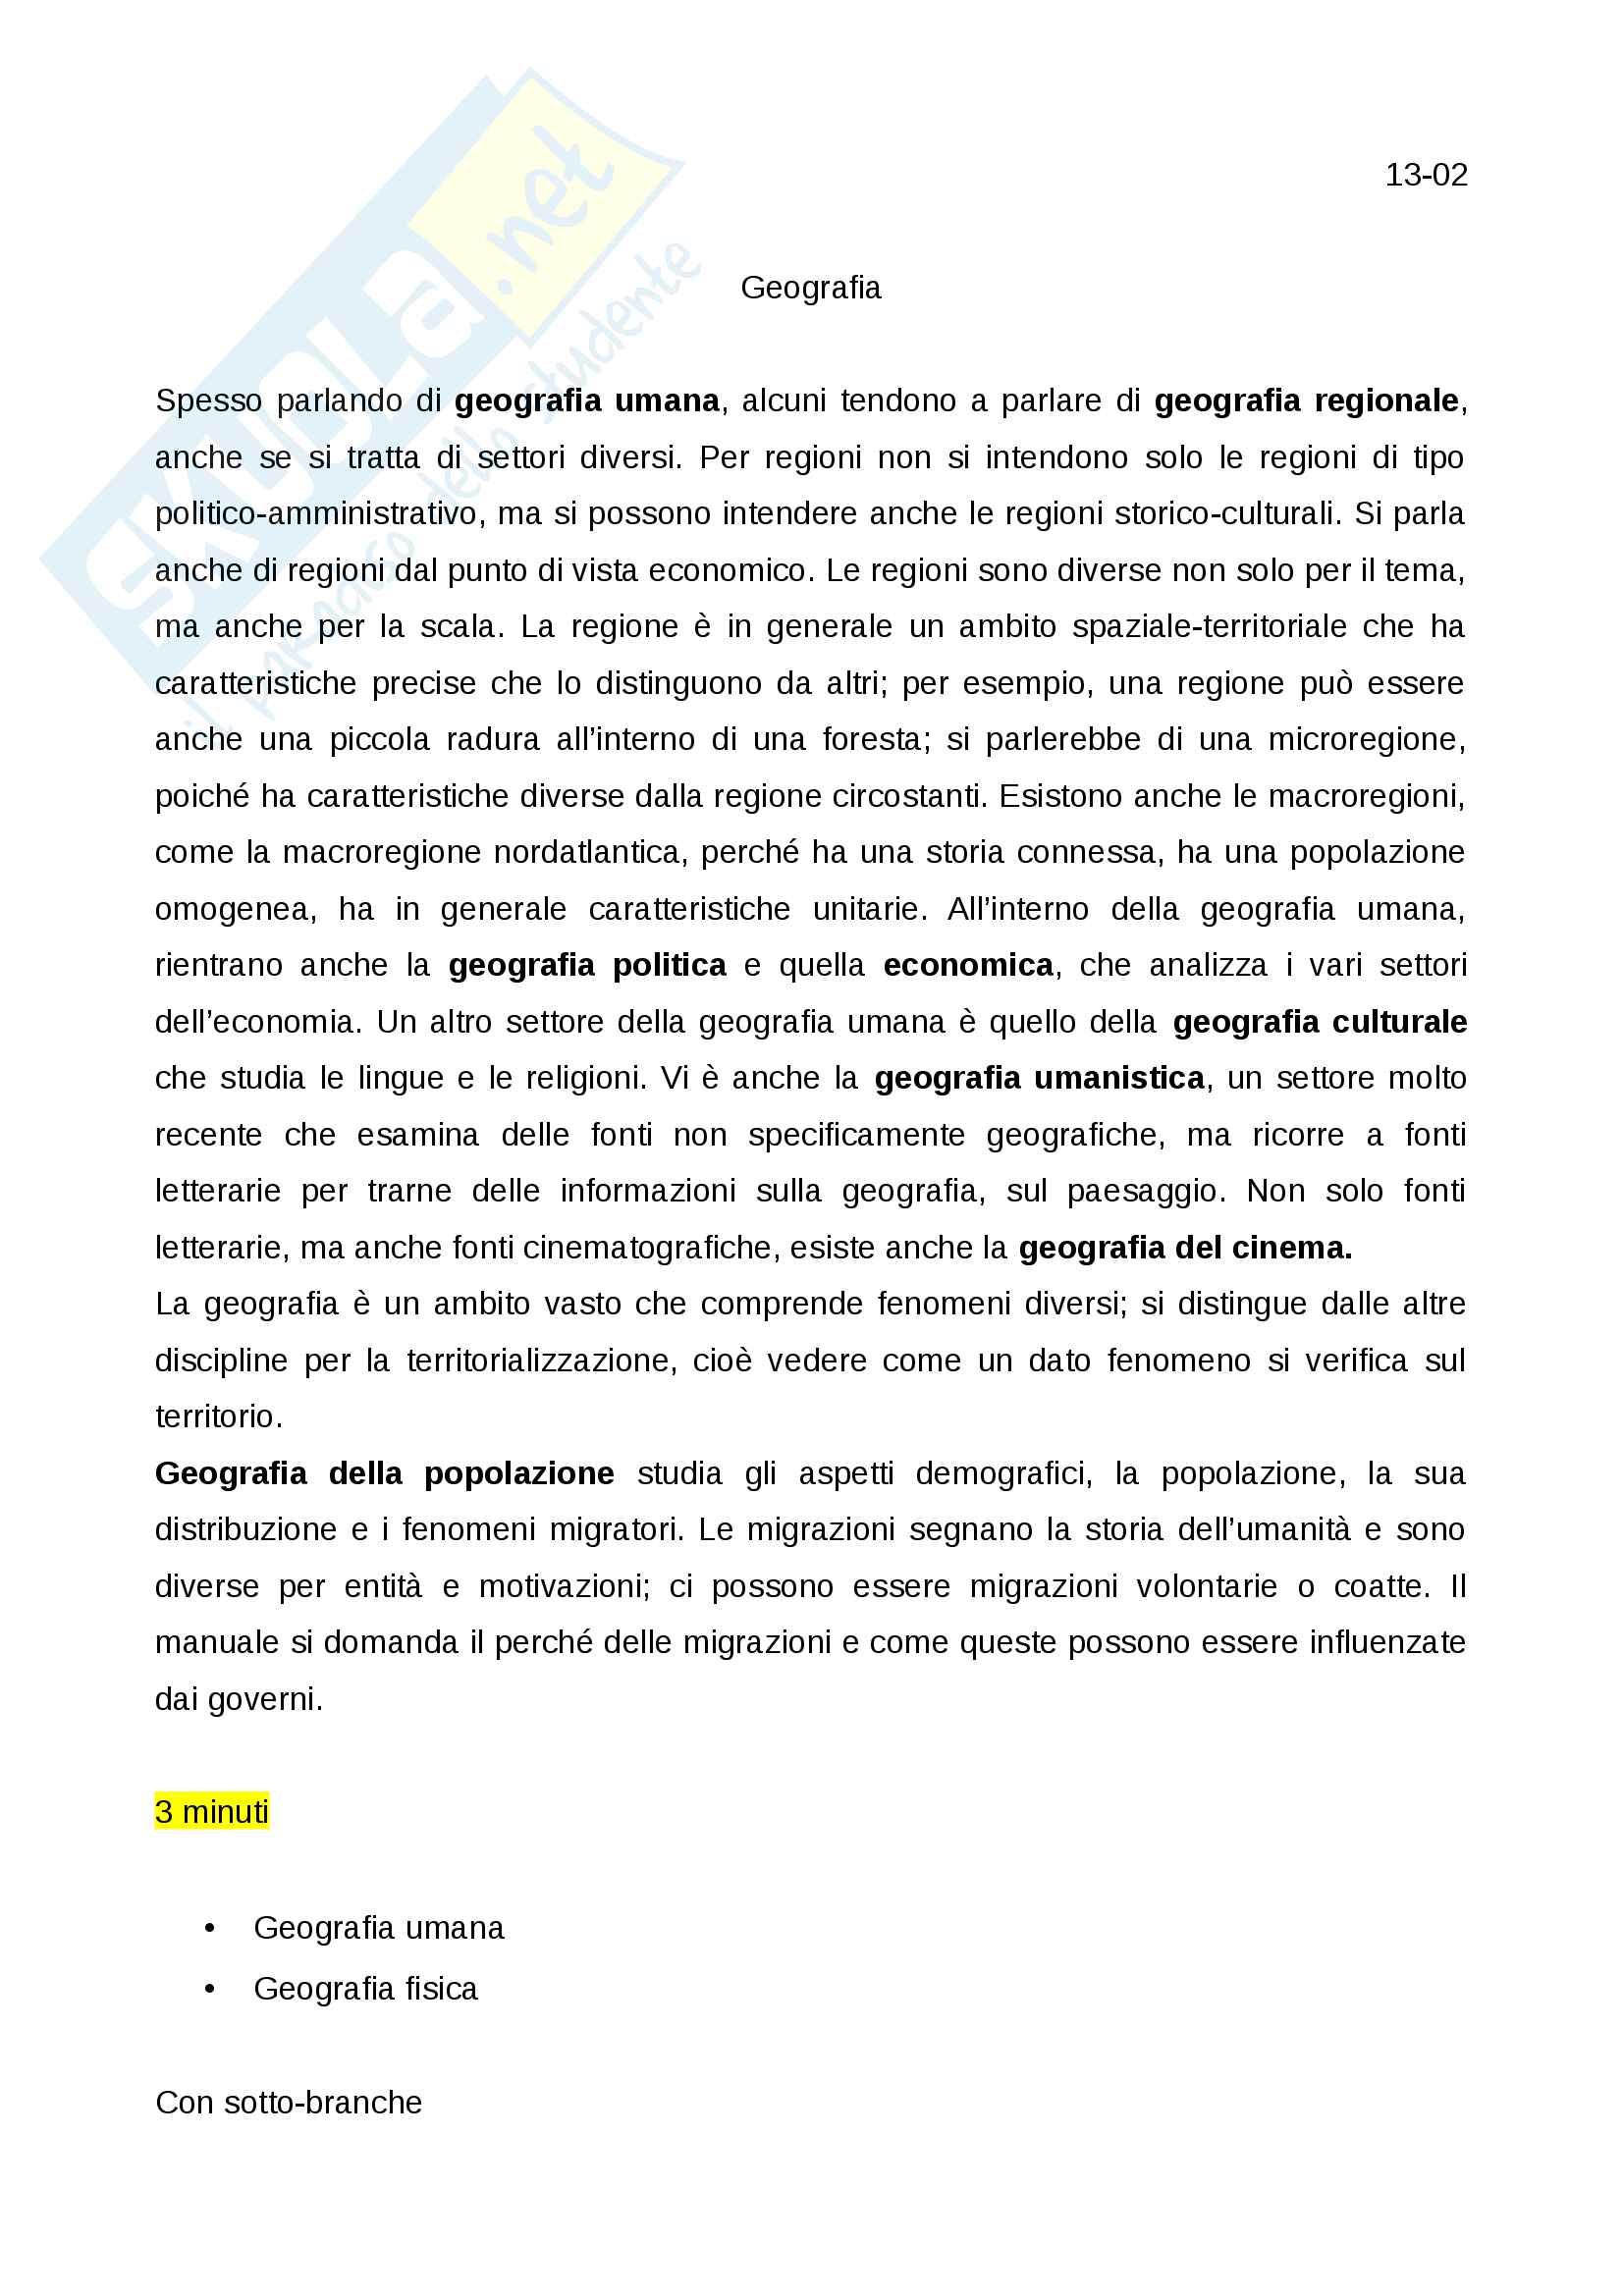 Appunti geografia modulo A - storia della geografia